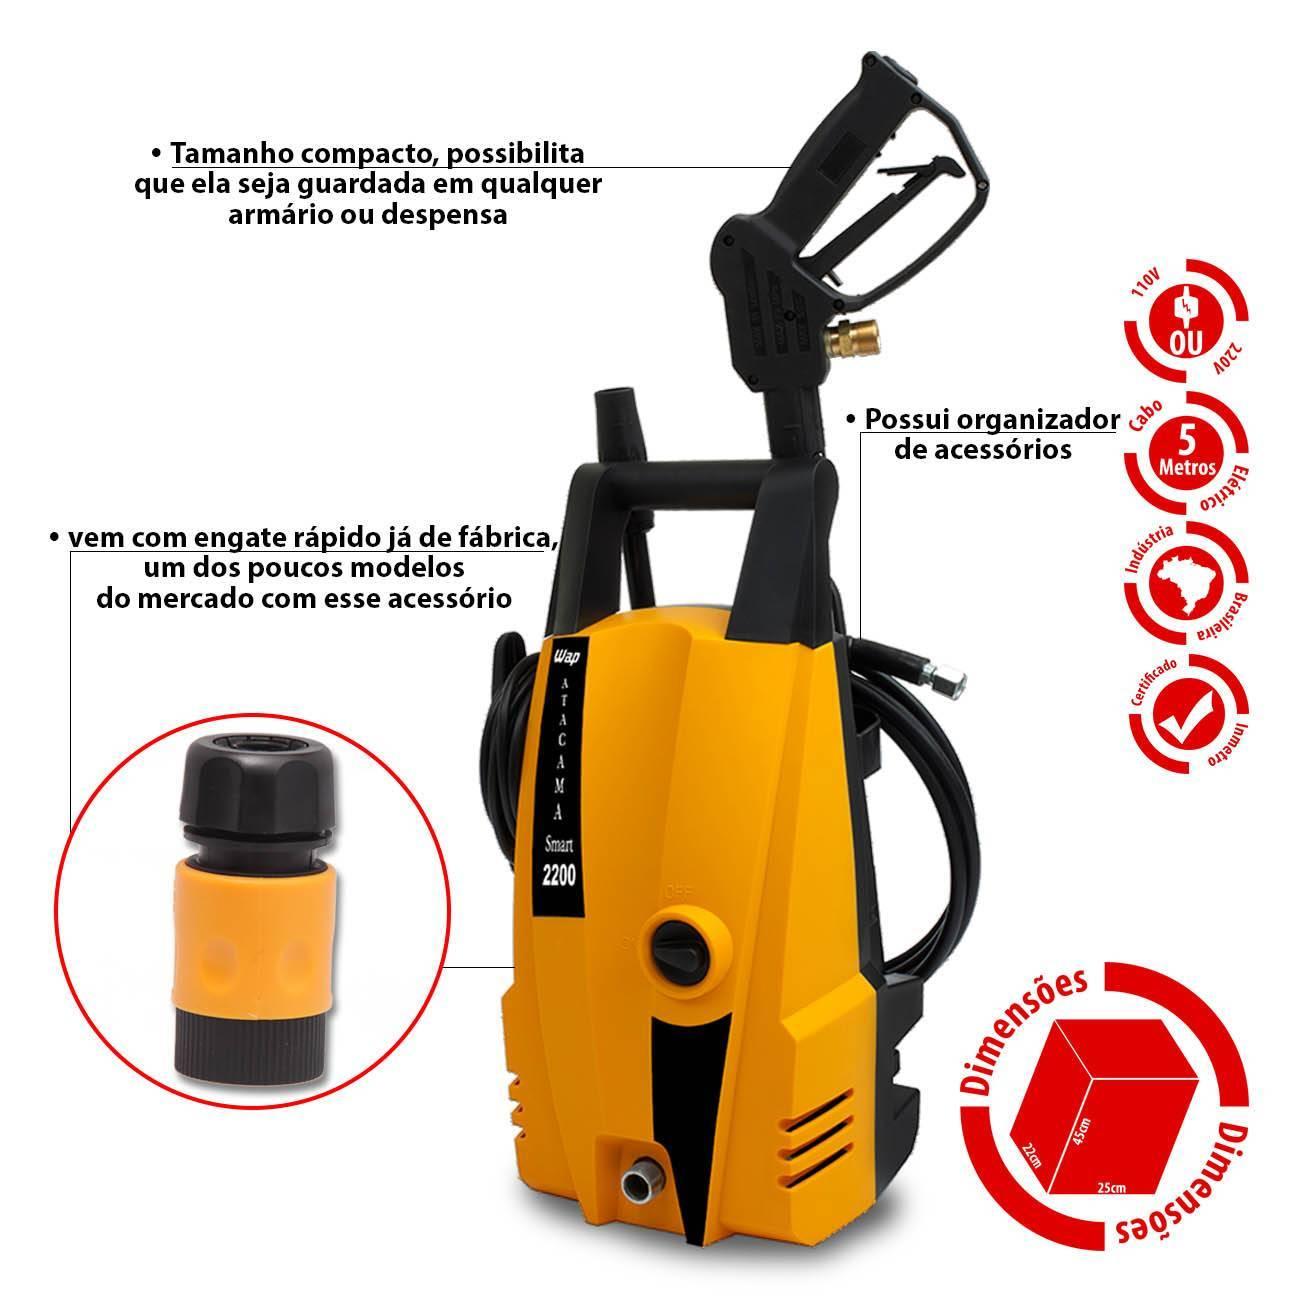 Lavadora de Alta Pressão Wap Atacama Smart 2200Lbs 1400w - LCGELETRO